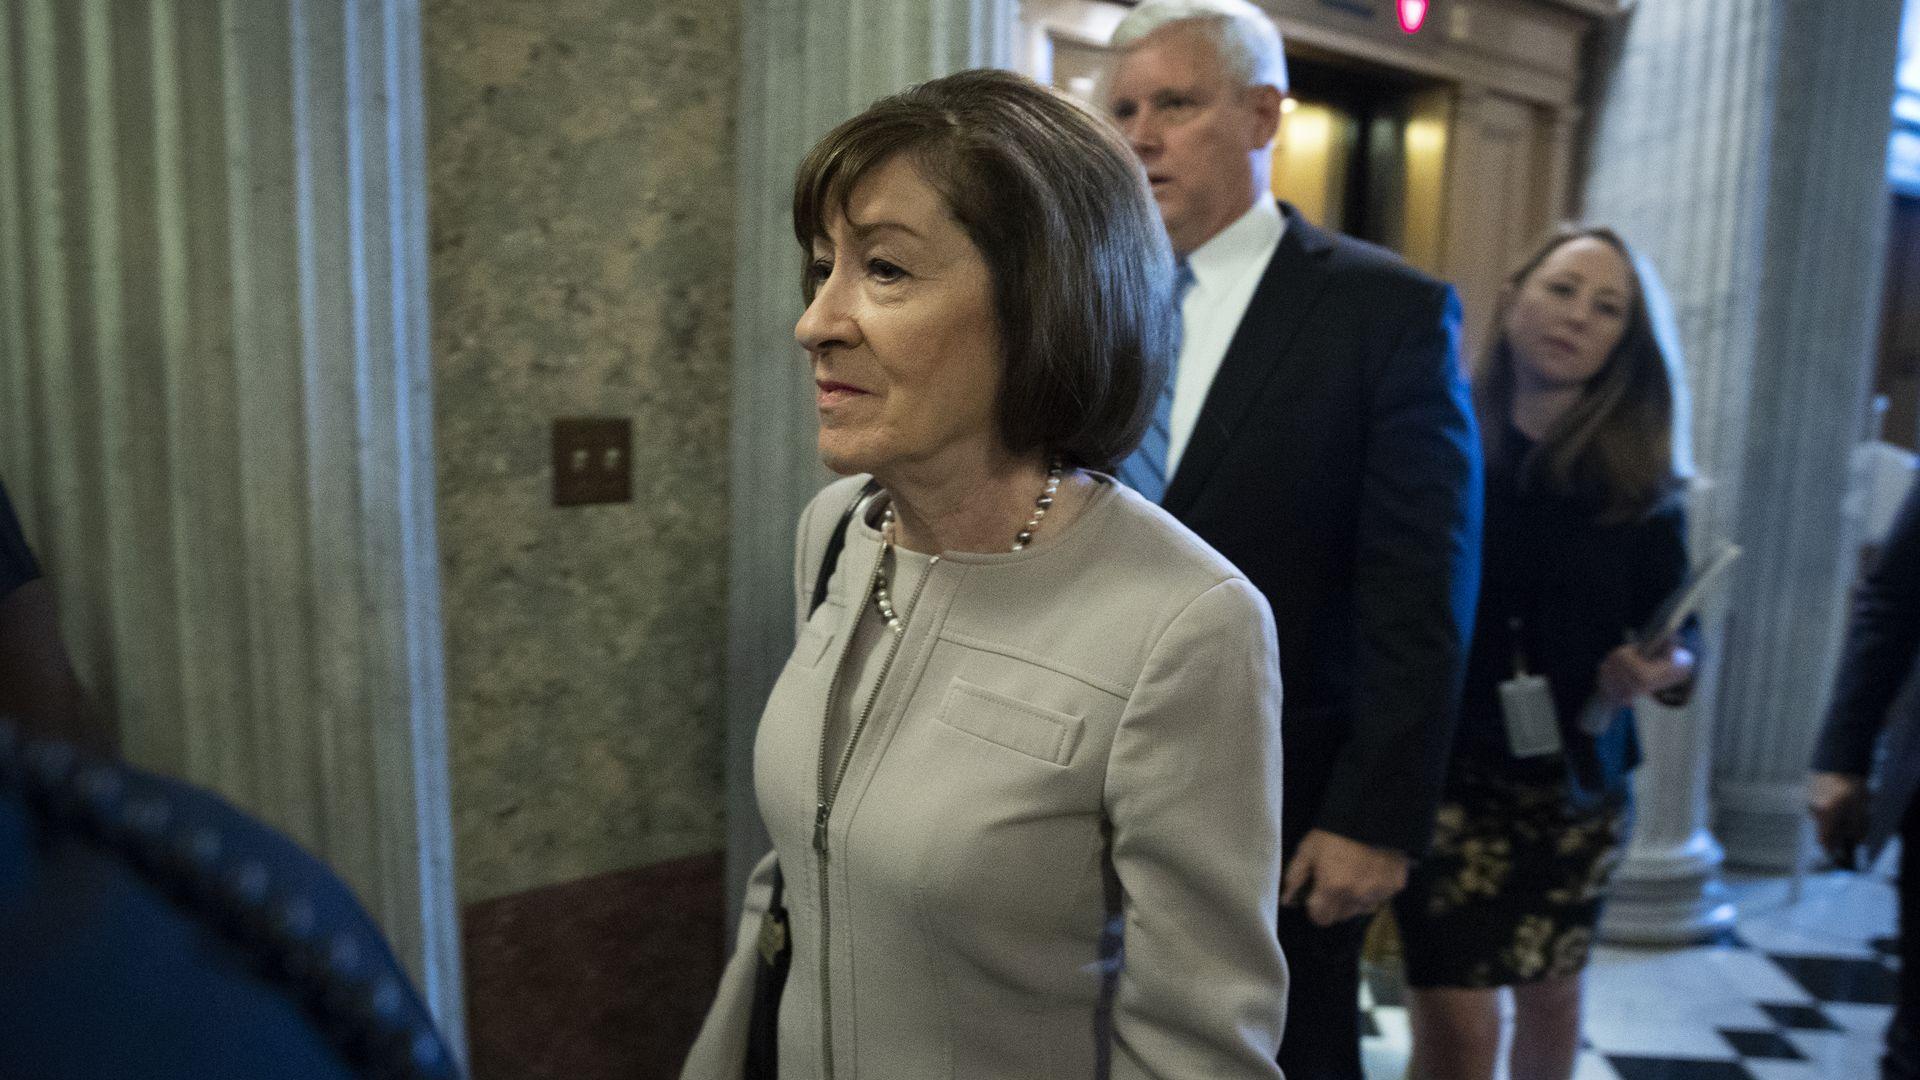 Senator Susan Collins walking